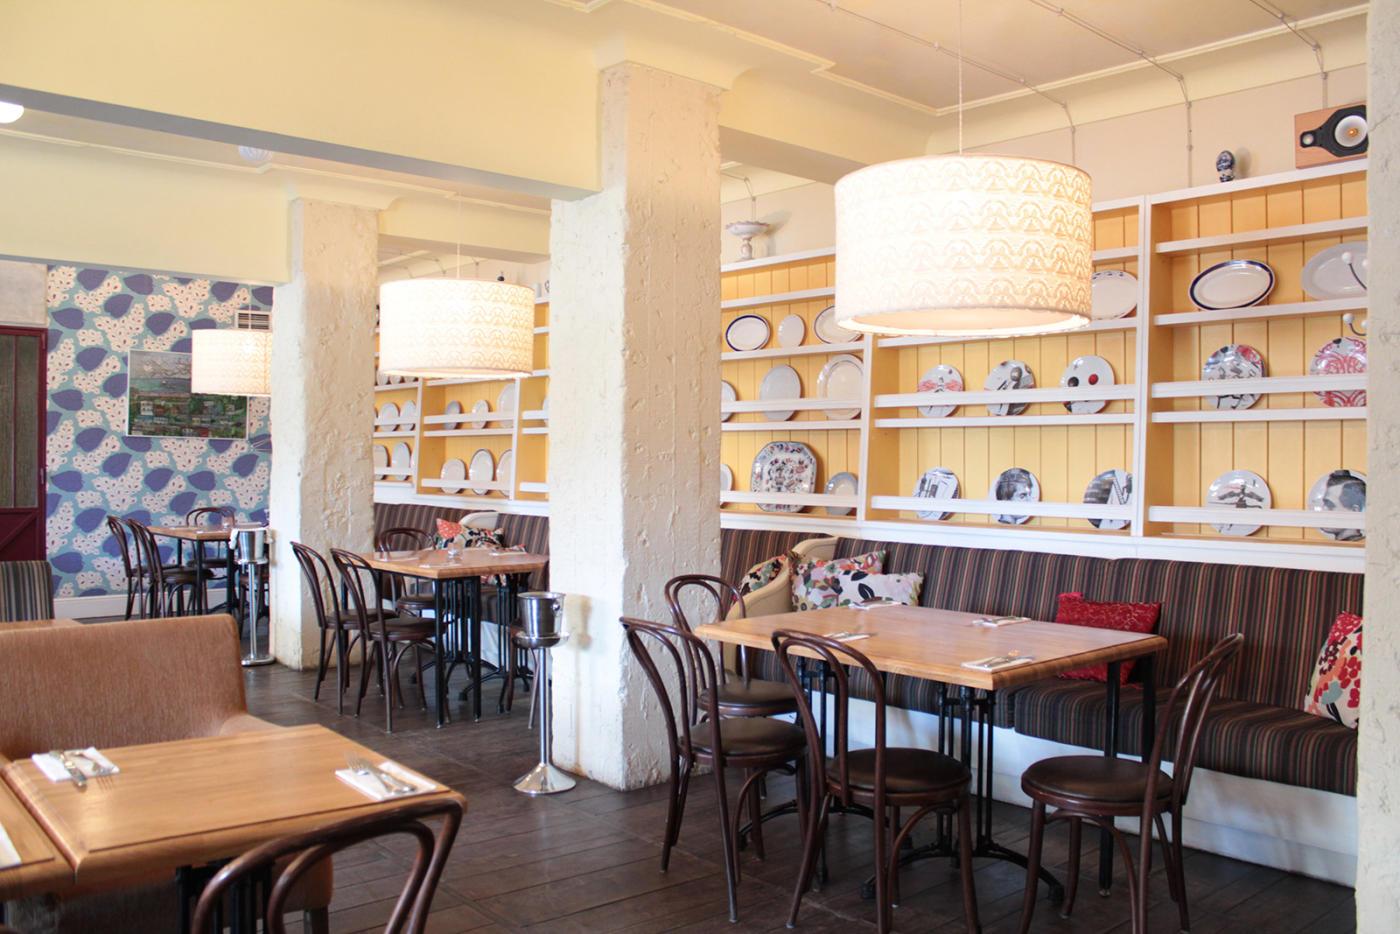 Ресторан Голубка на Спортивной (Большая Пироговская) фото 2